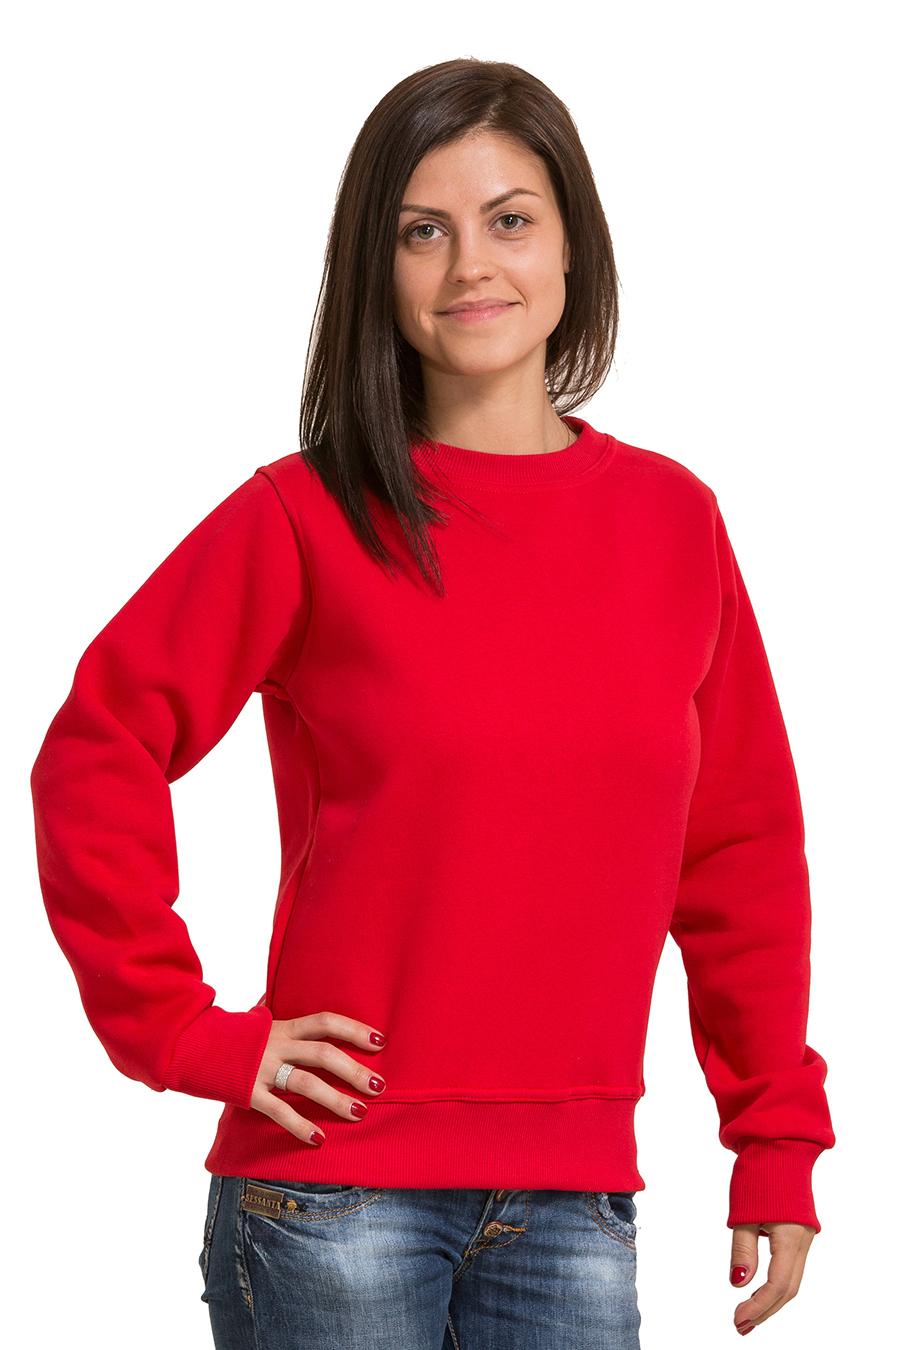 0408c4d388de Красный женский свитшот купить в Москве и Санкт-Петербурге в ...